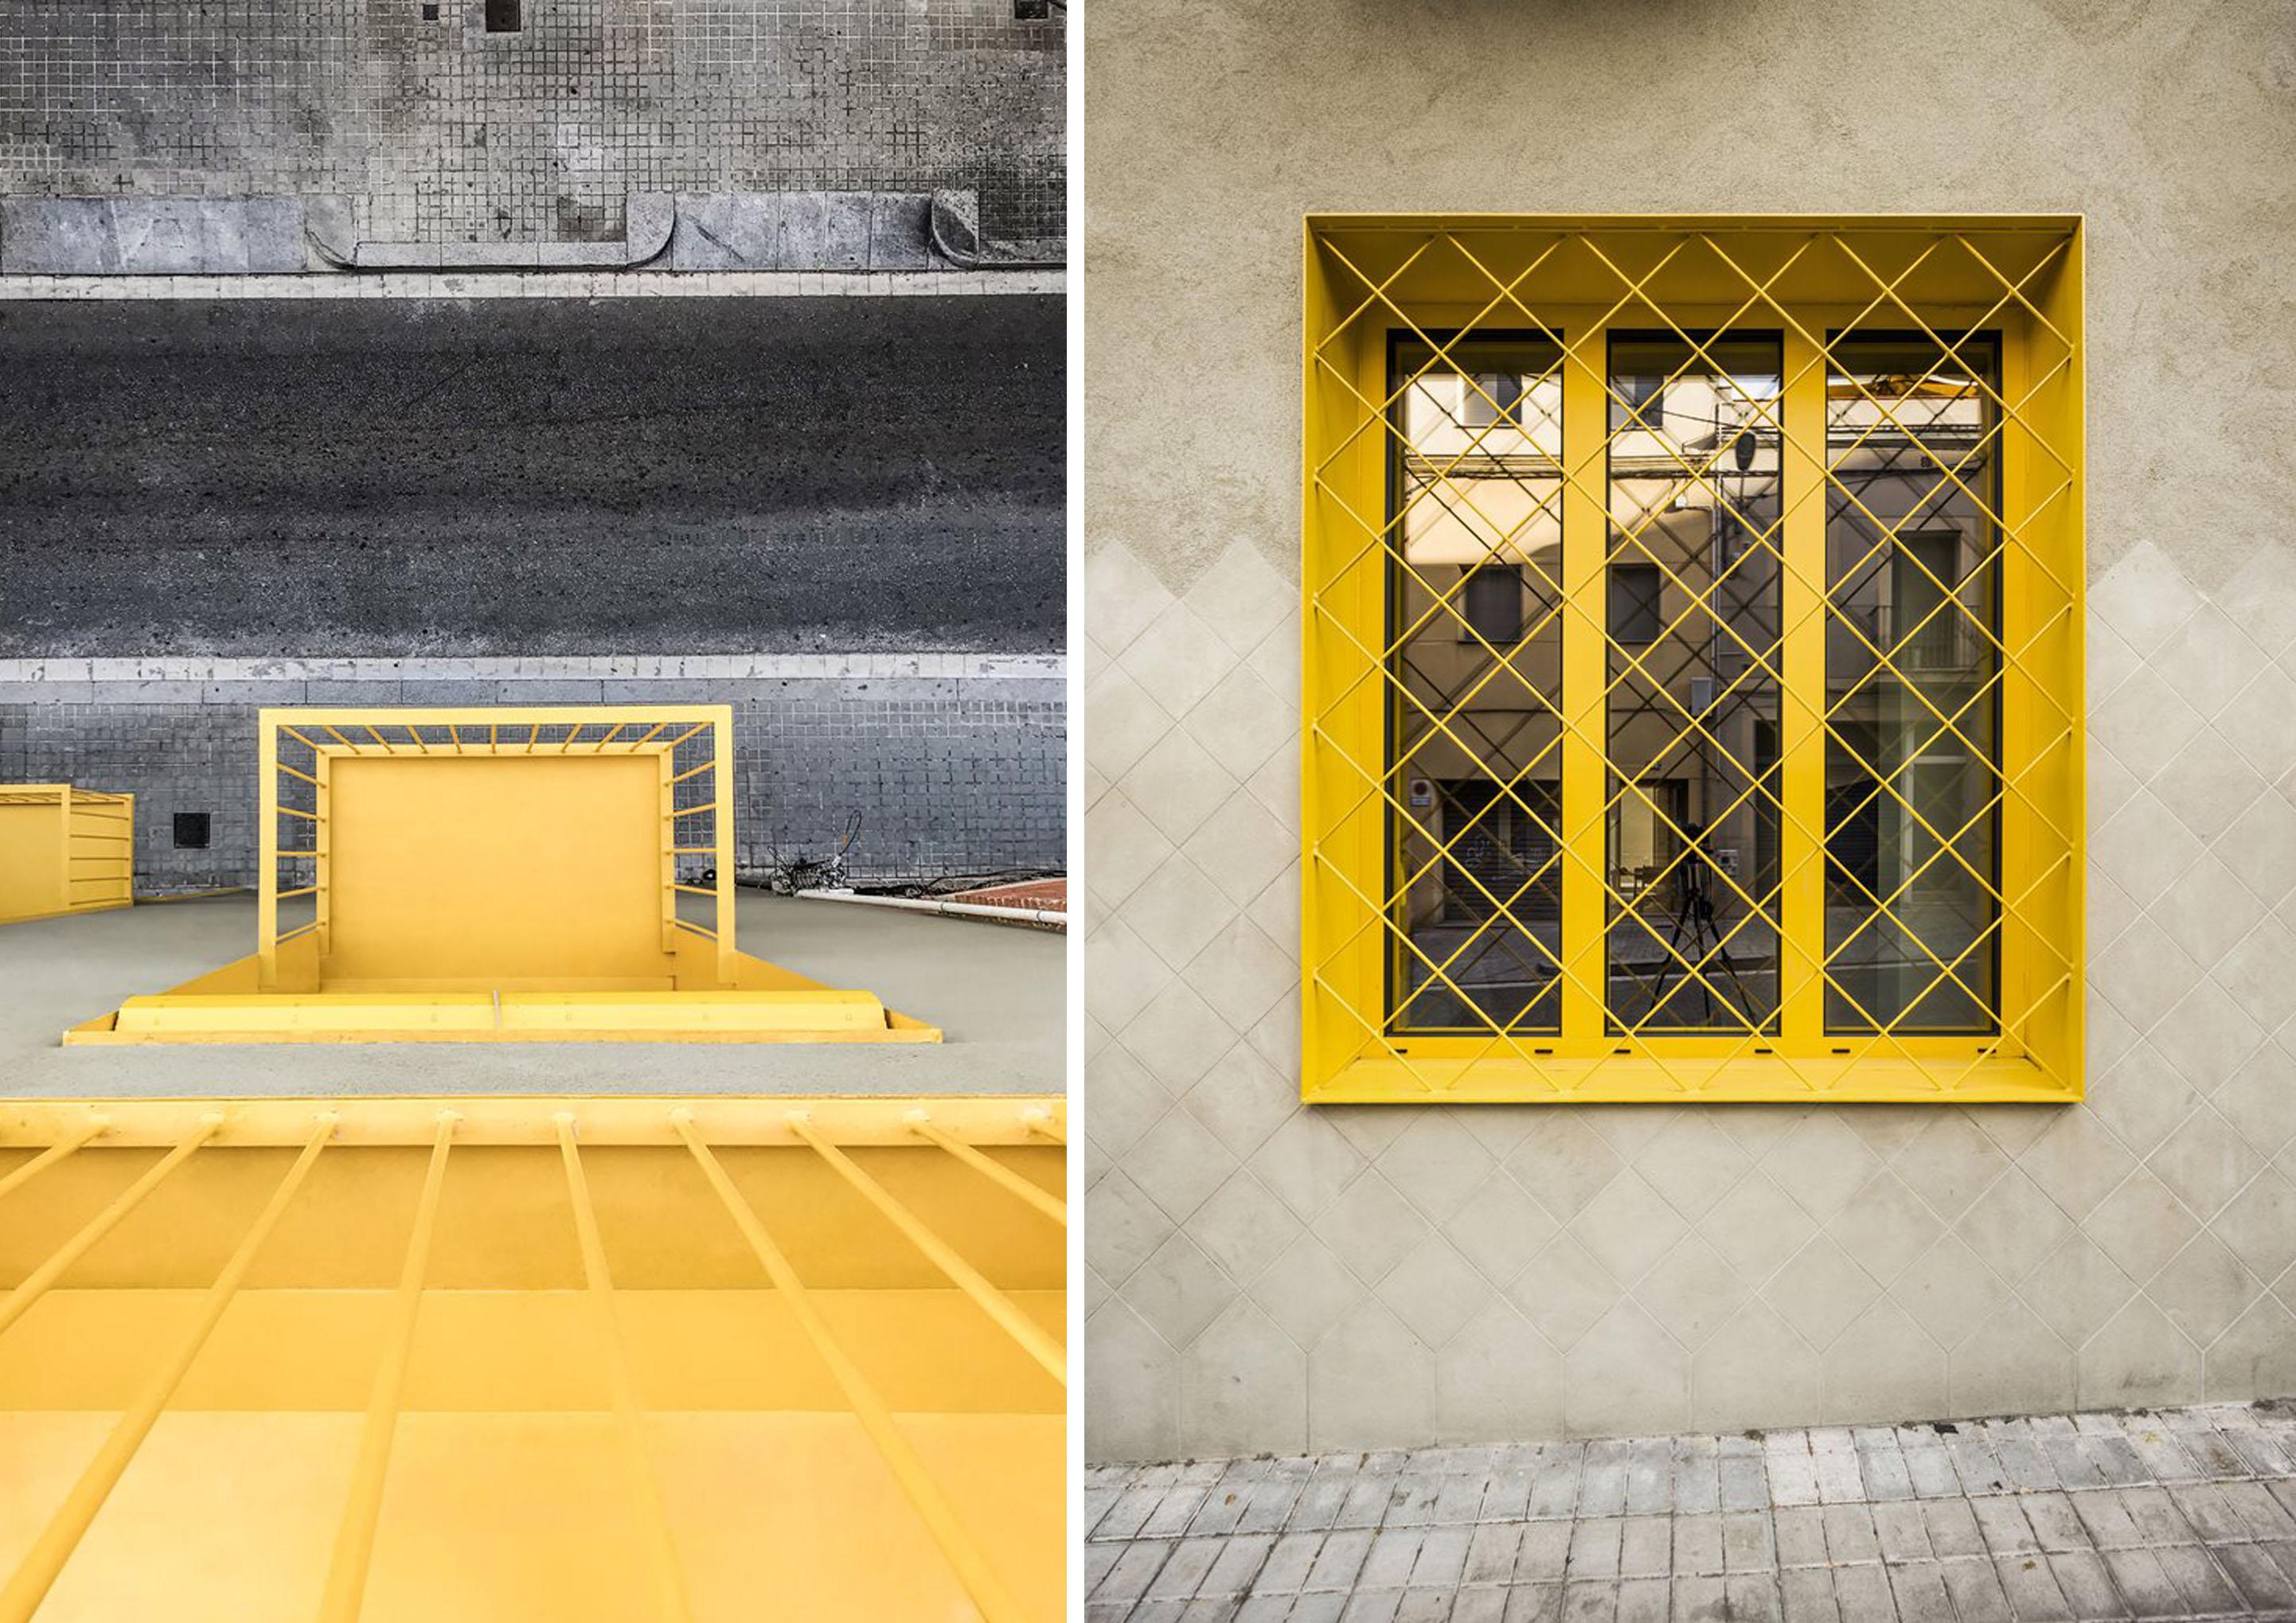 Dettagli in giallo dell'edificio